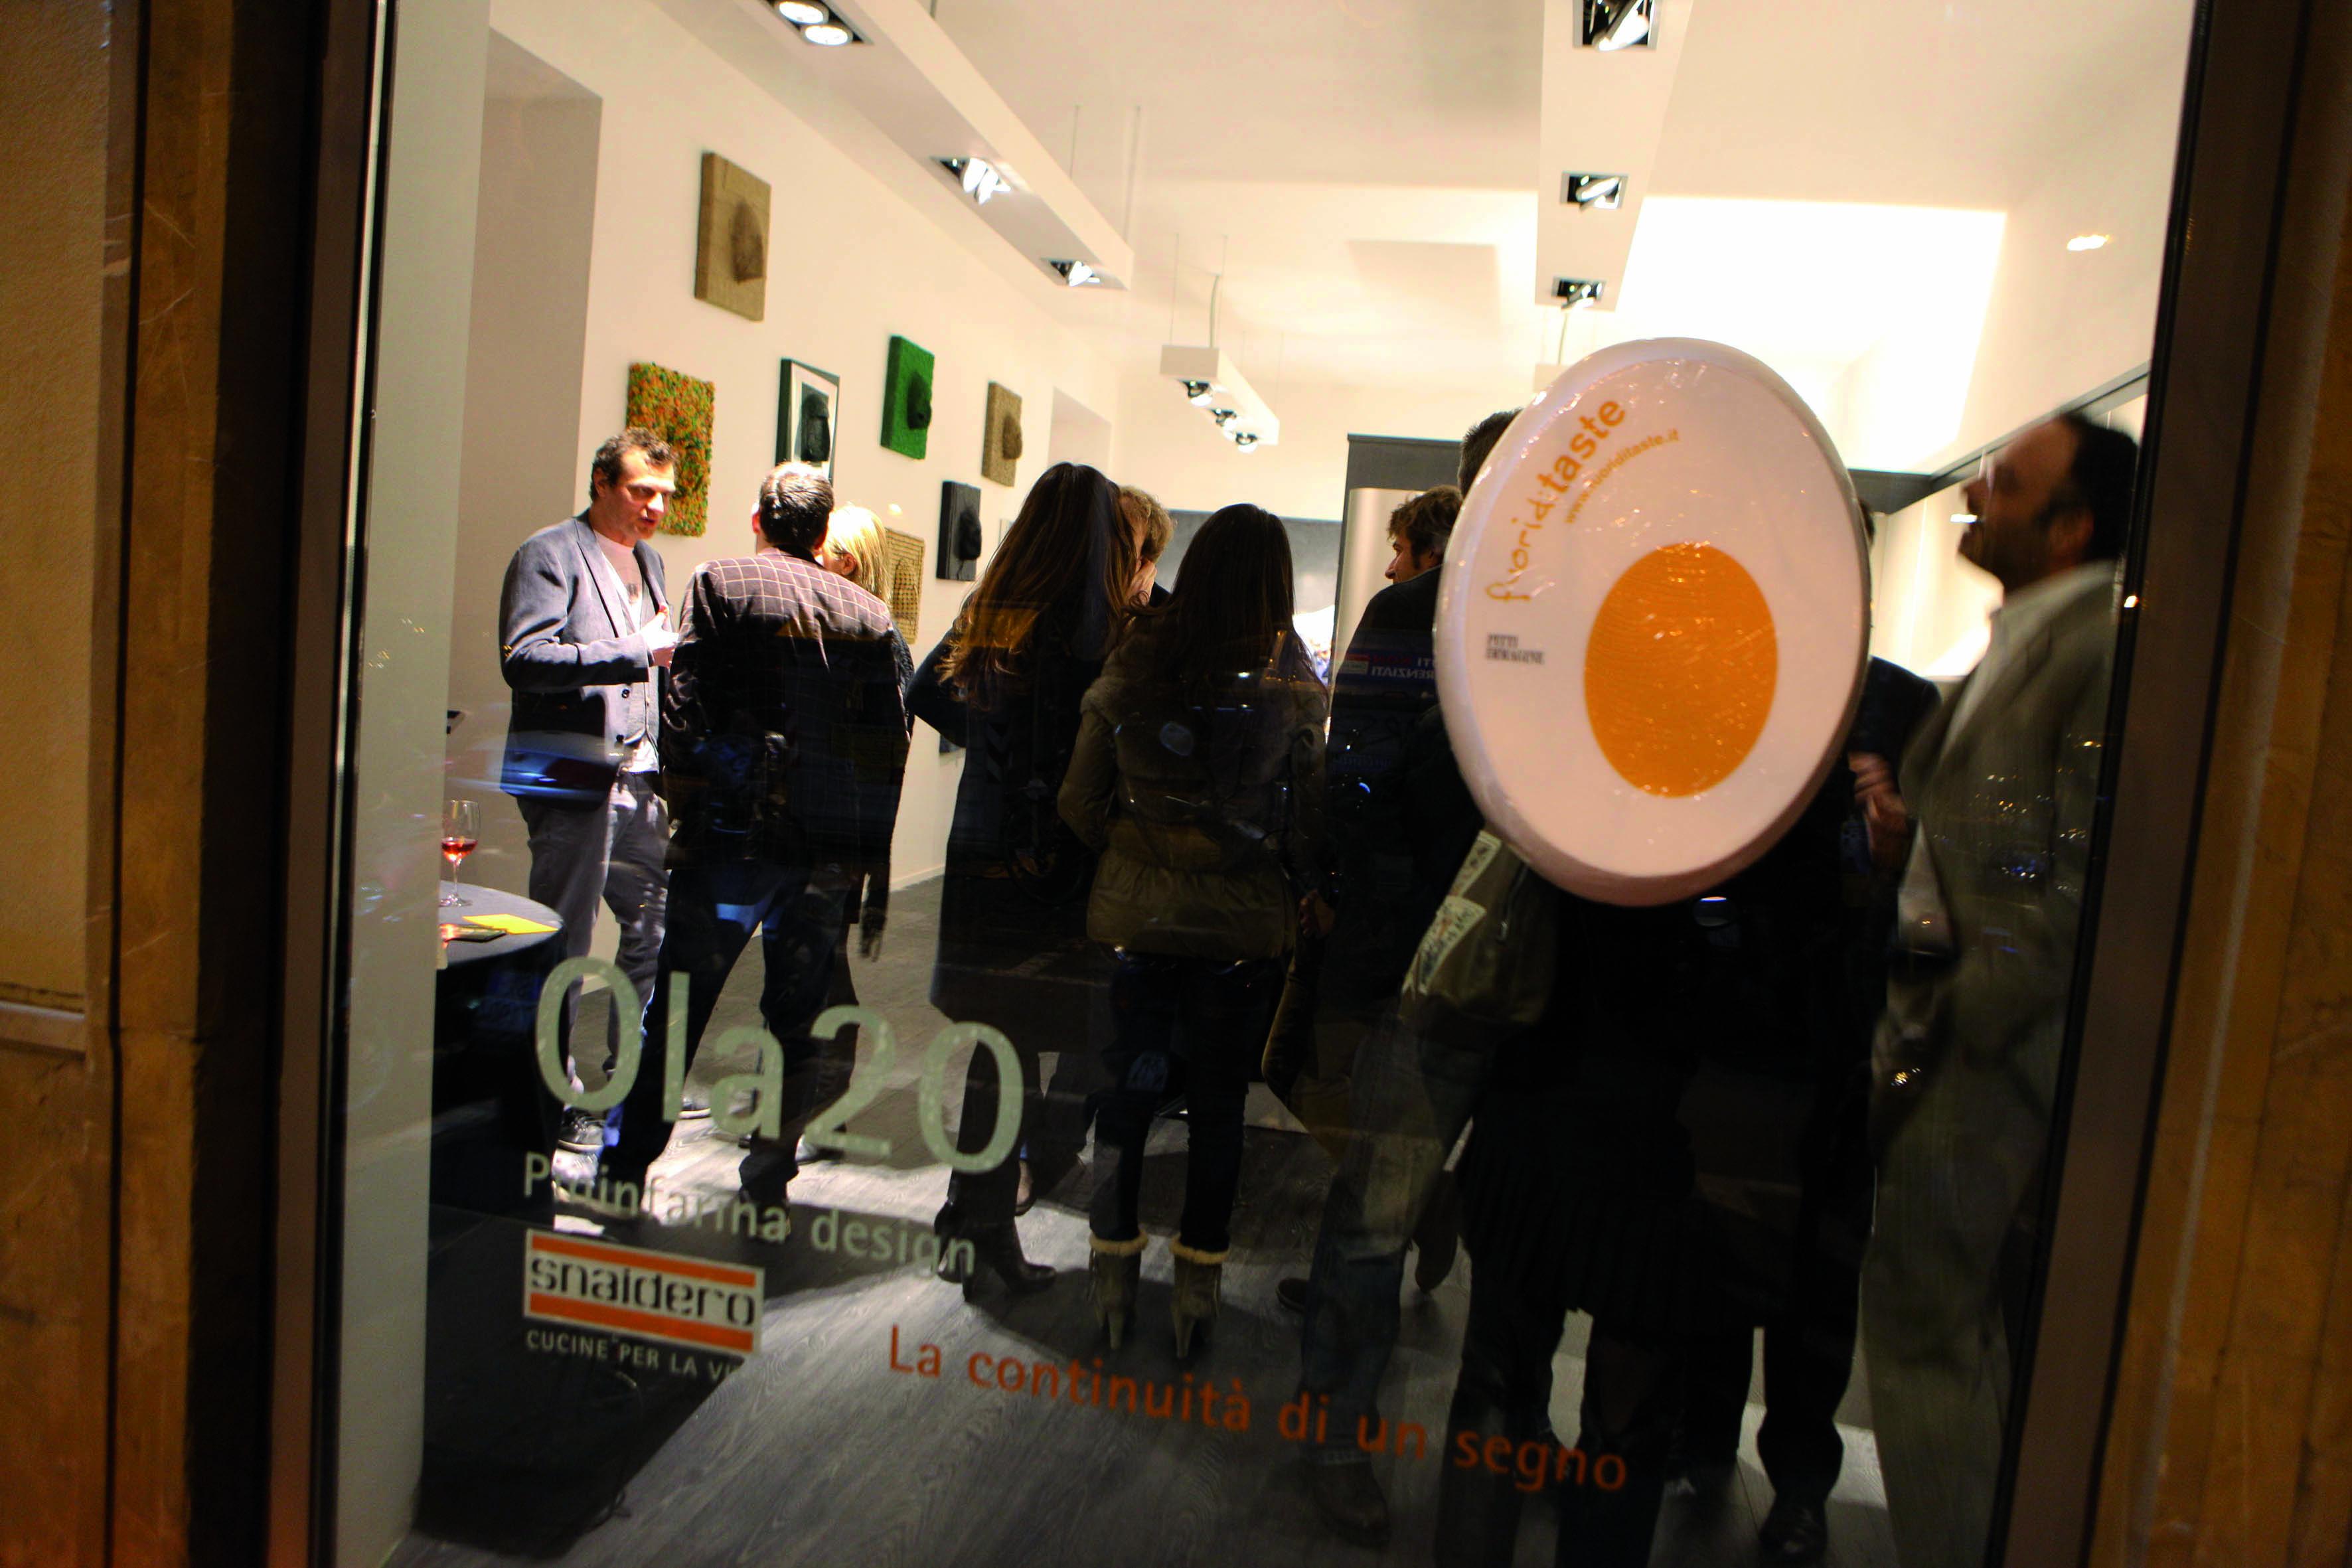 pressphoto-Firenzemagazine  Firenze inaugurazione negozio Snaidero in viale Amendola